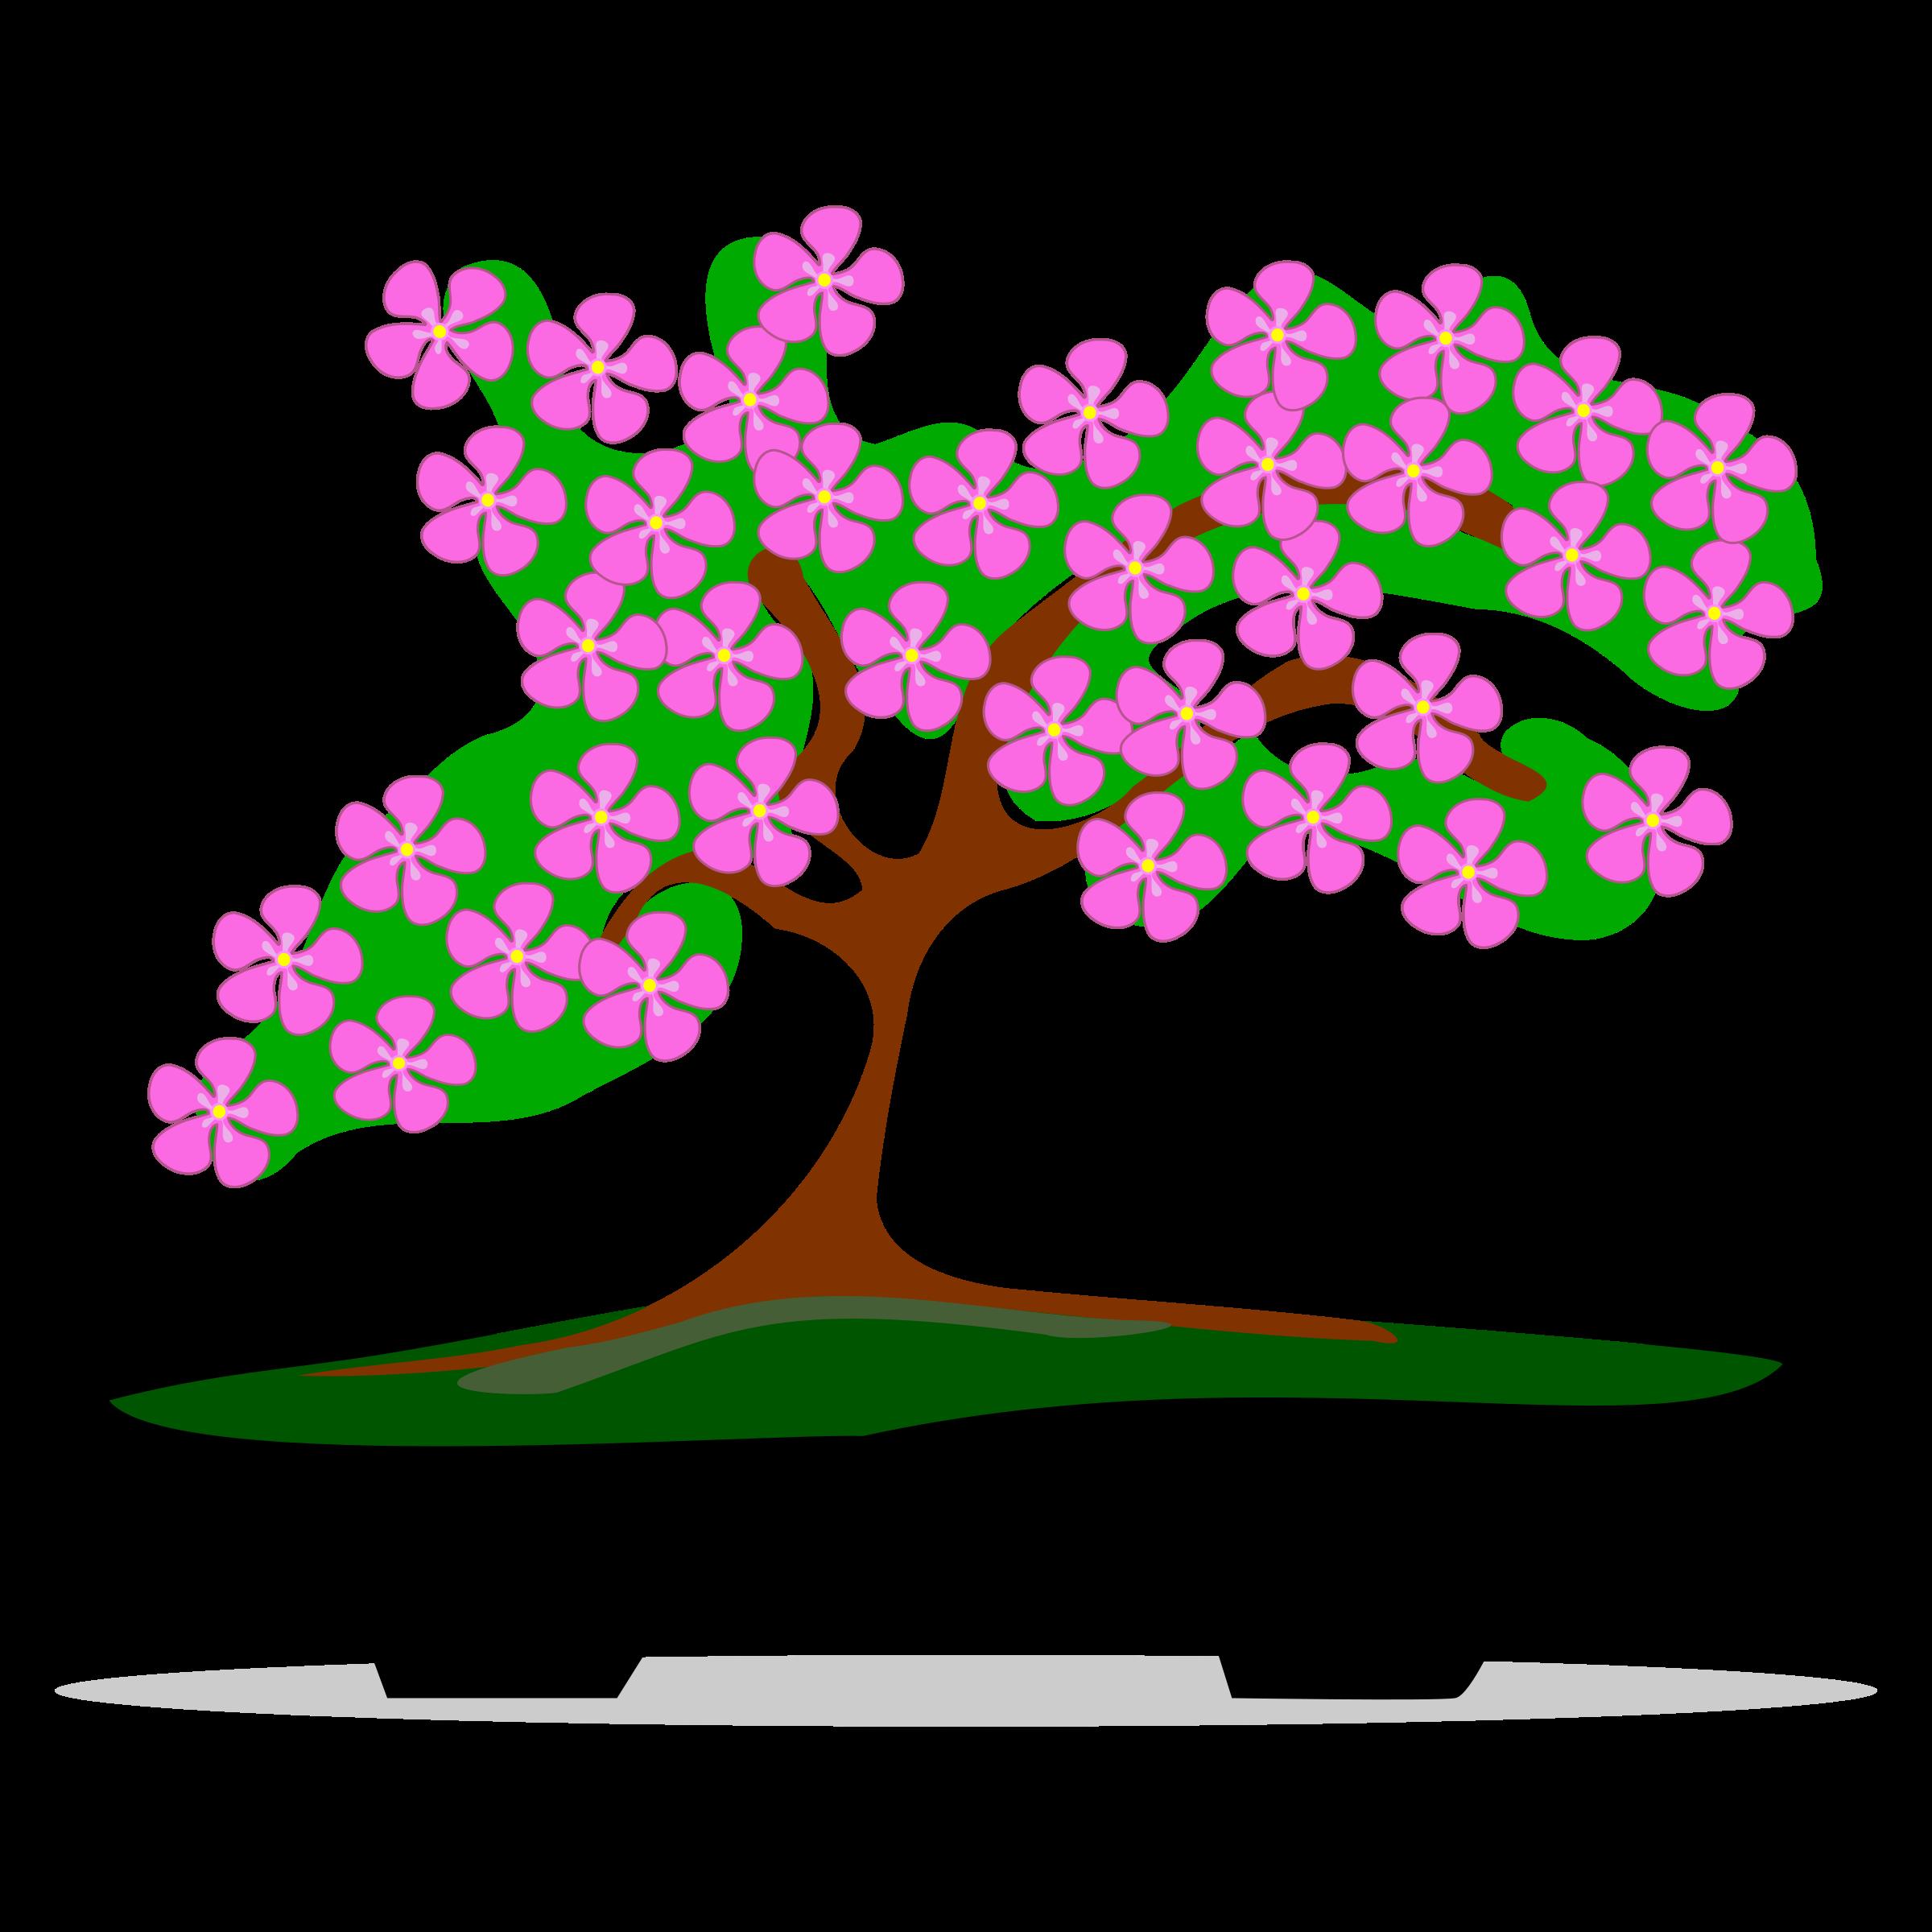 Bonsai clipart Bonsai 01 bonsai 01 Clipart